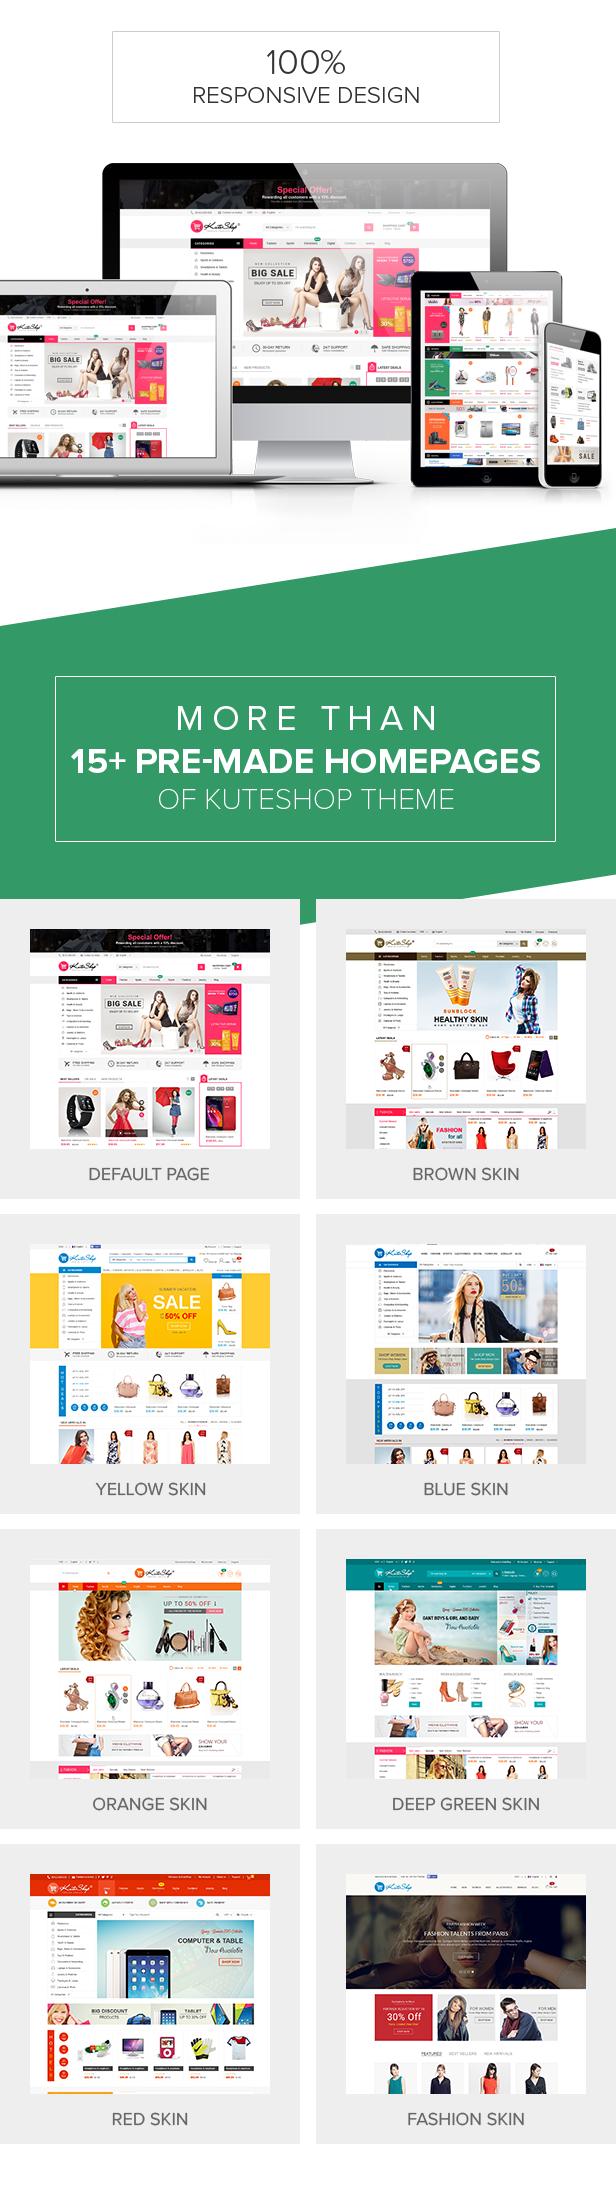 Kute Shop - Theme Shop thời trang cực đẹp